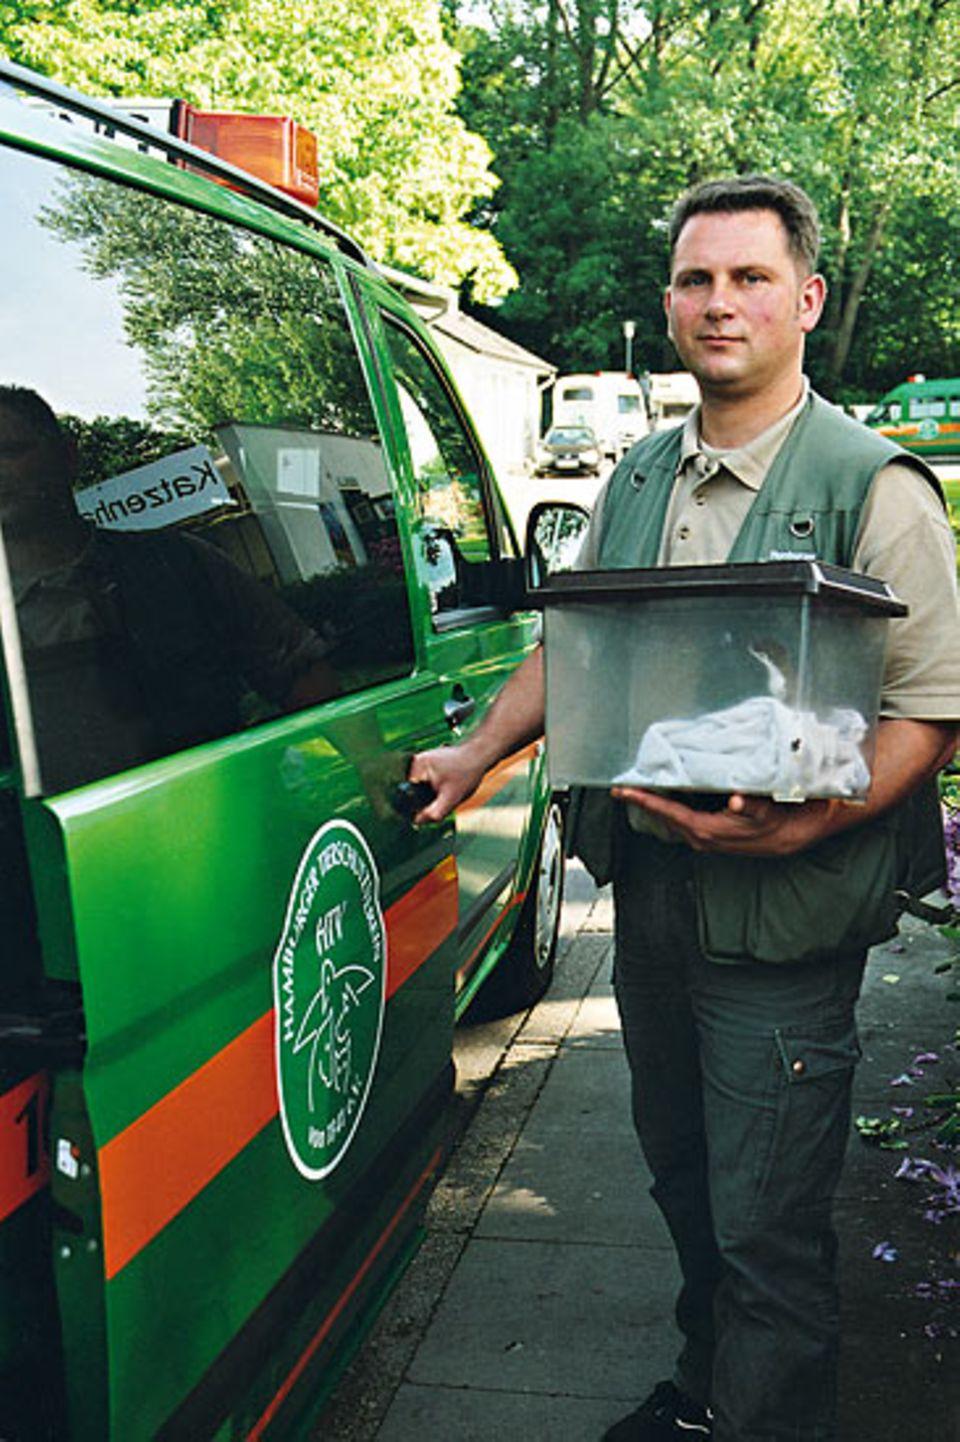 Wenn irgendwo in Hamburg Tiere in Not sind, rückt Heiko Nauschütz mit seinem grünen Transporter aus: Diesmal hat er ein Mauswiesel mitgebracht